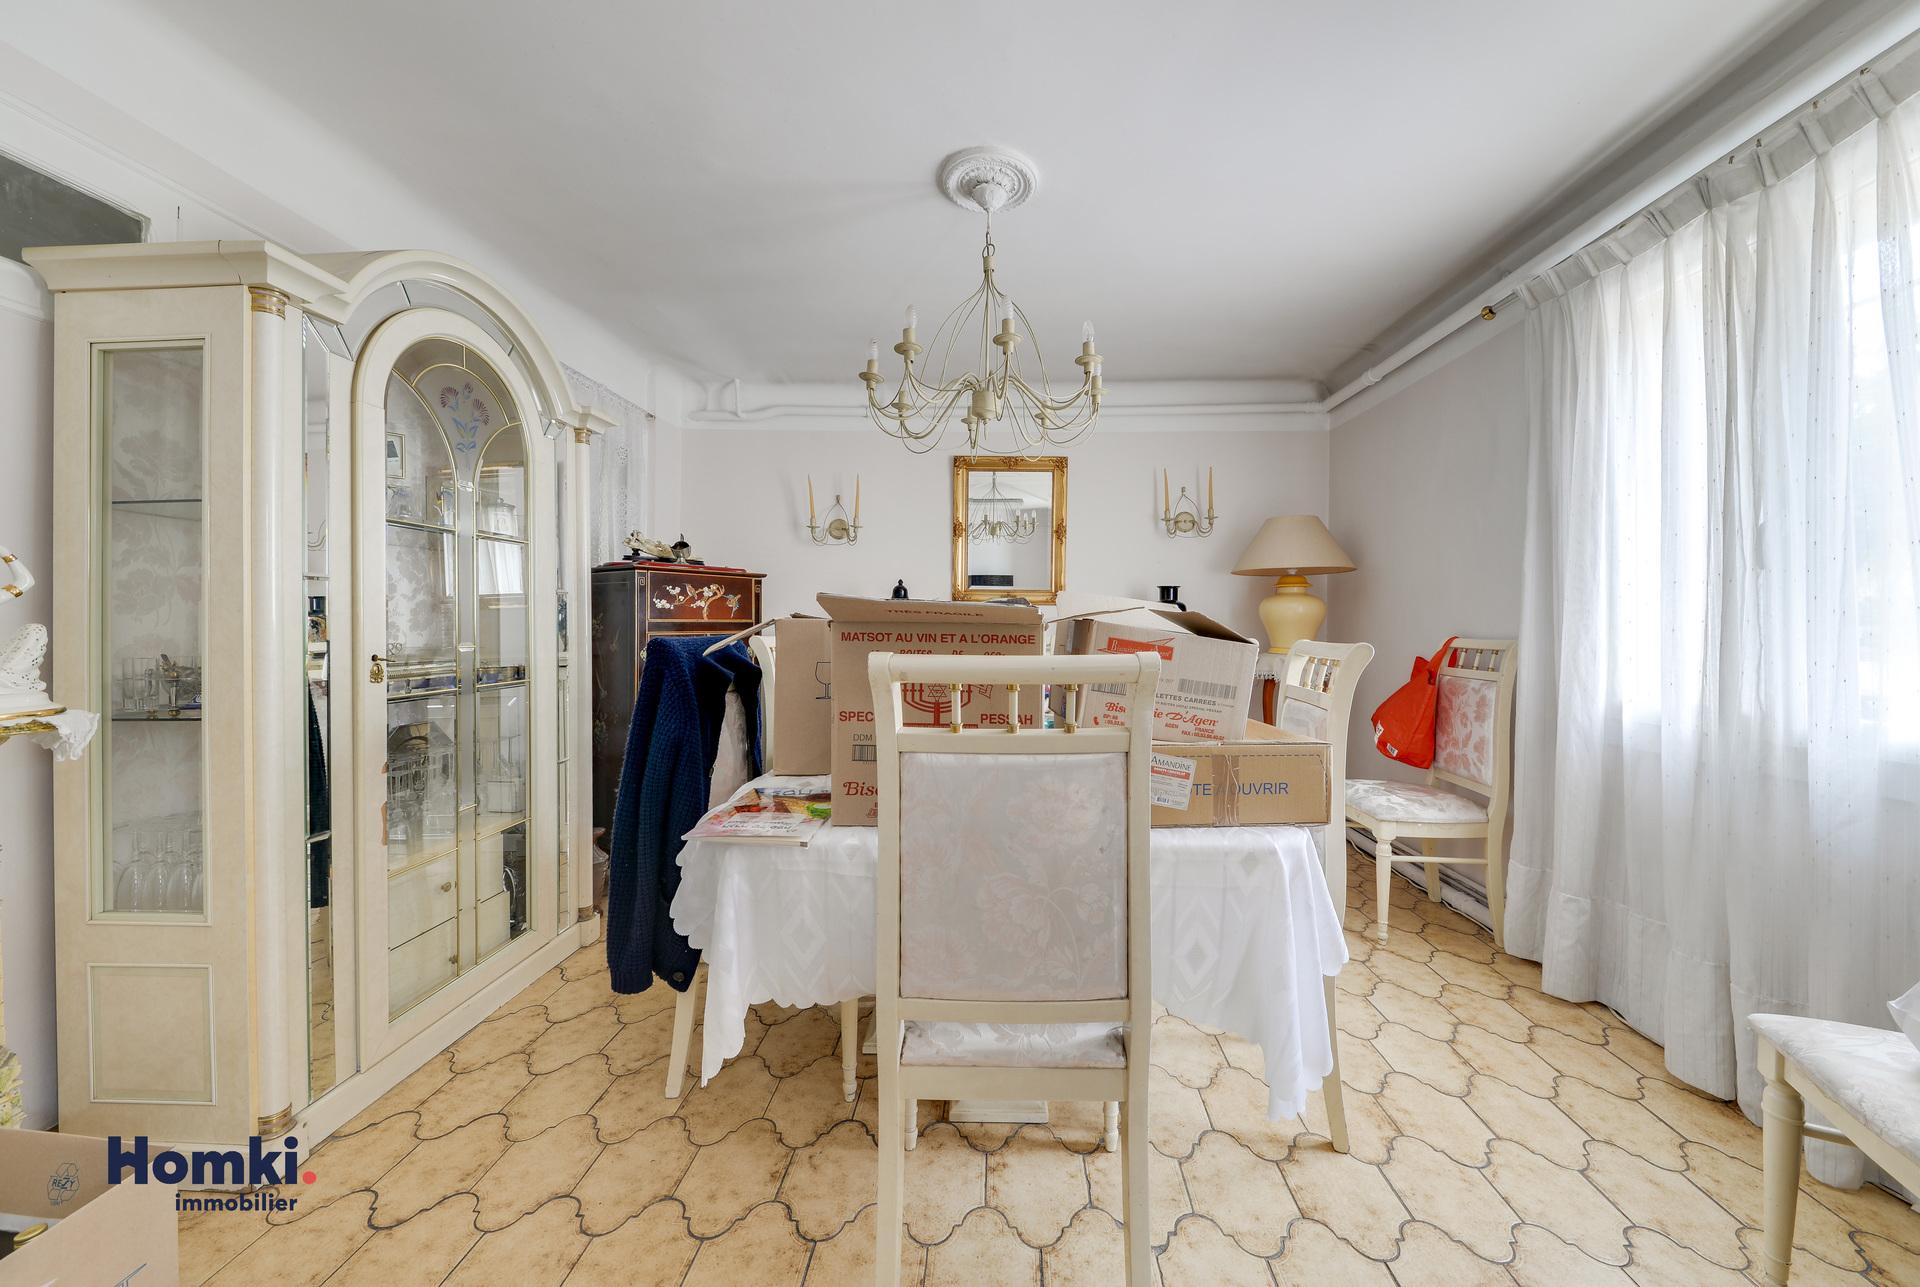 Vente maison 160m² T7 13013_2